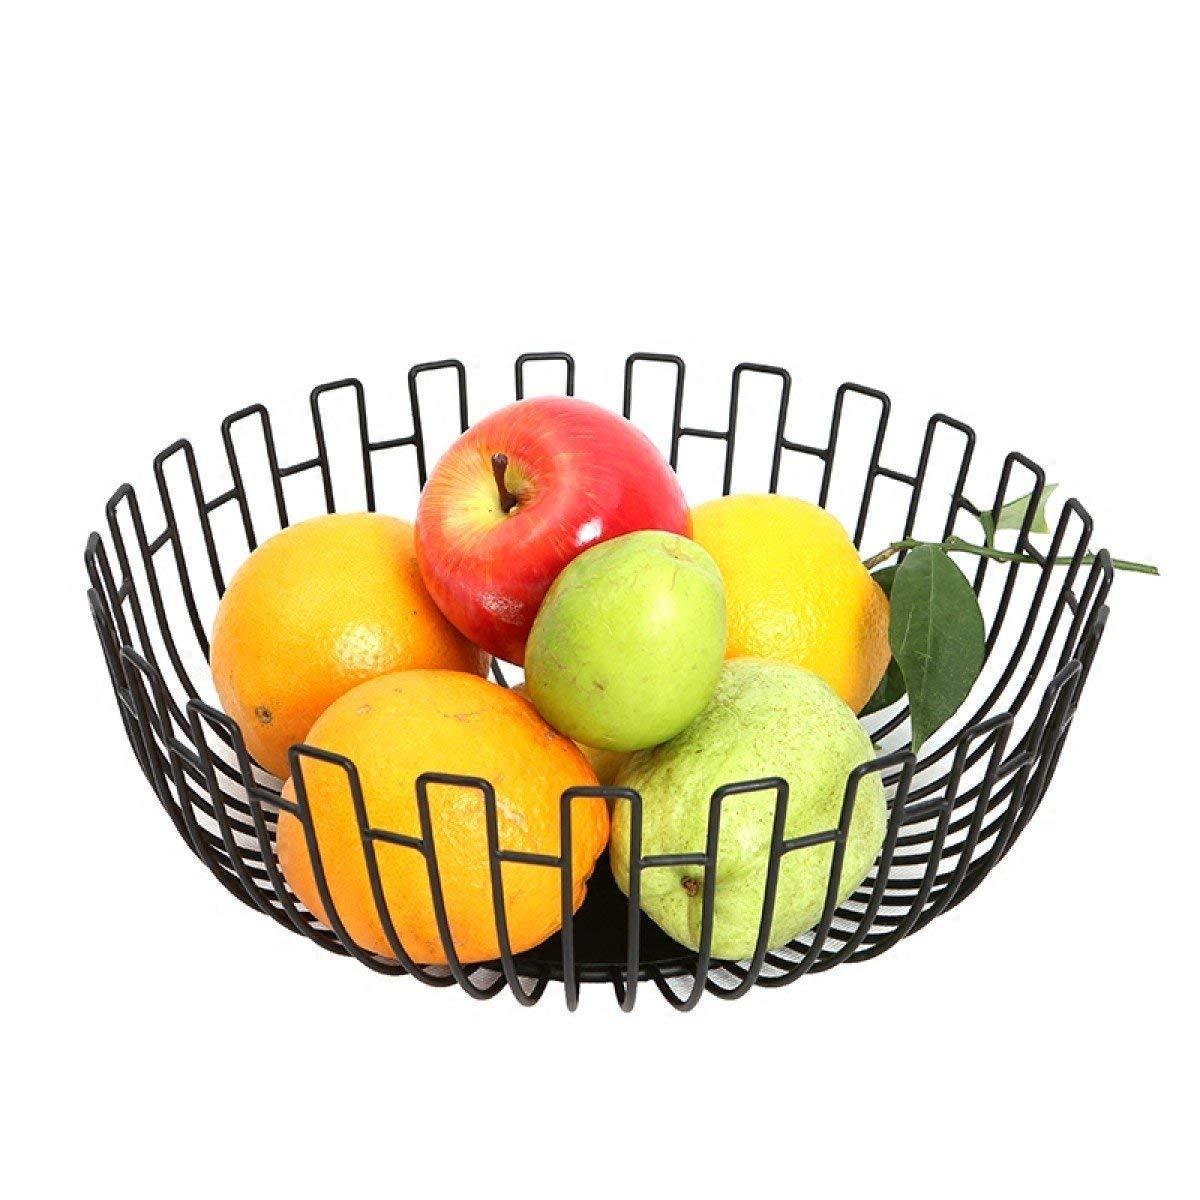 XX_C フルーツバスケット フルーツバスケットフルーツバスケット多機能フルーツバスケット飾られたフルーツプレートフルーツボウル収納バスケット -キッチン用品食器 (色 : ブラック, サイズ さいず : B) B ブラック B07QNK4P2D